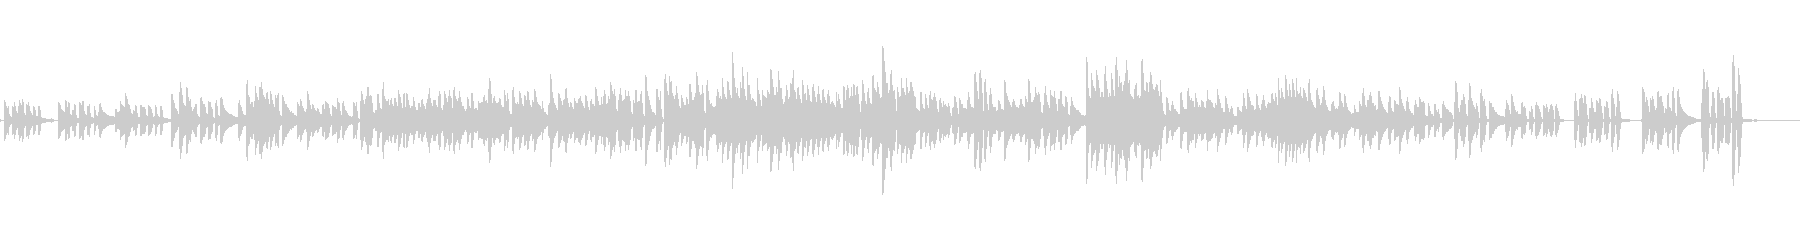 生ピアノソロ・幾何学的なワルツの未再生の波形